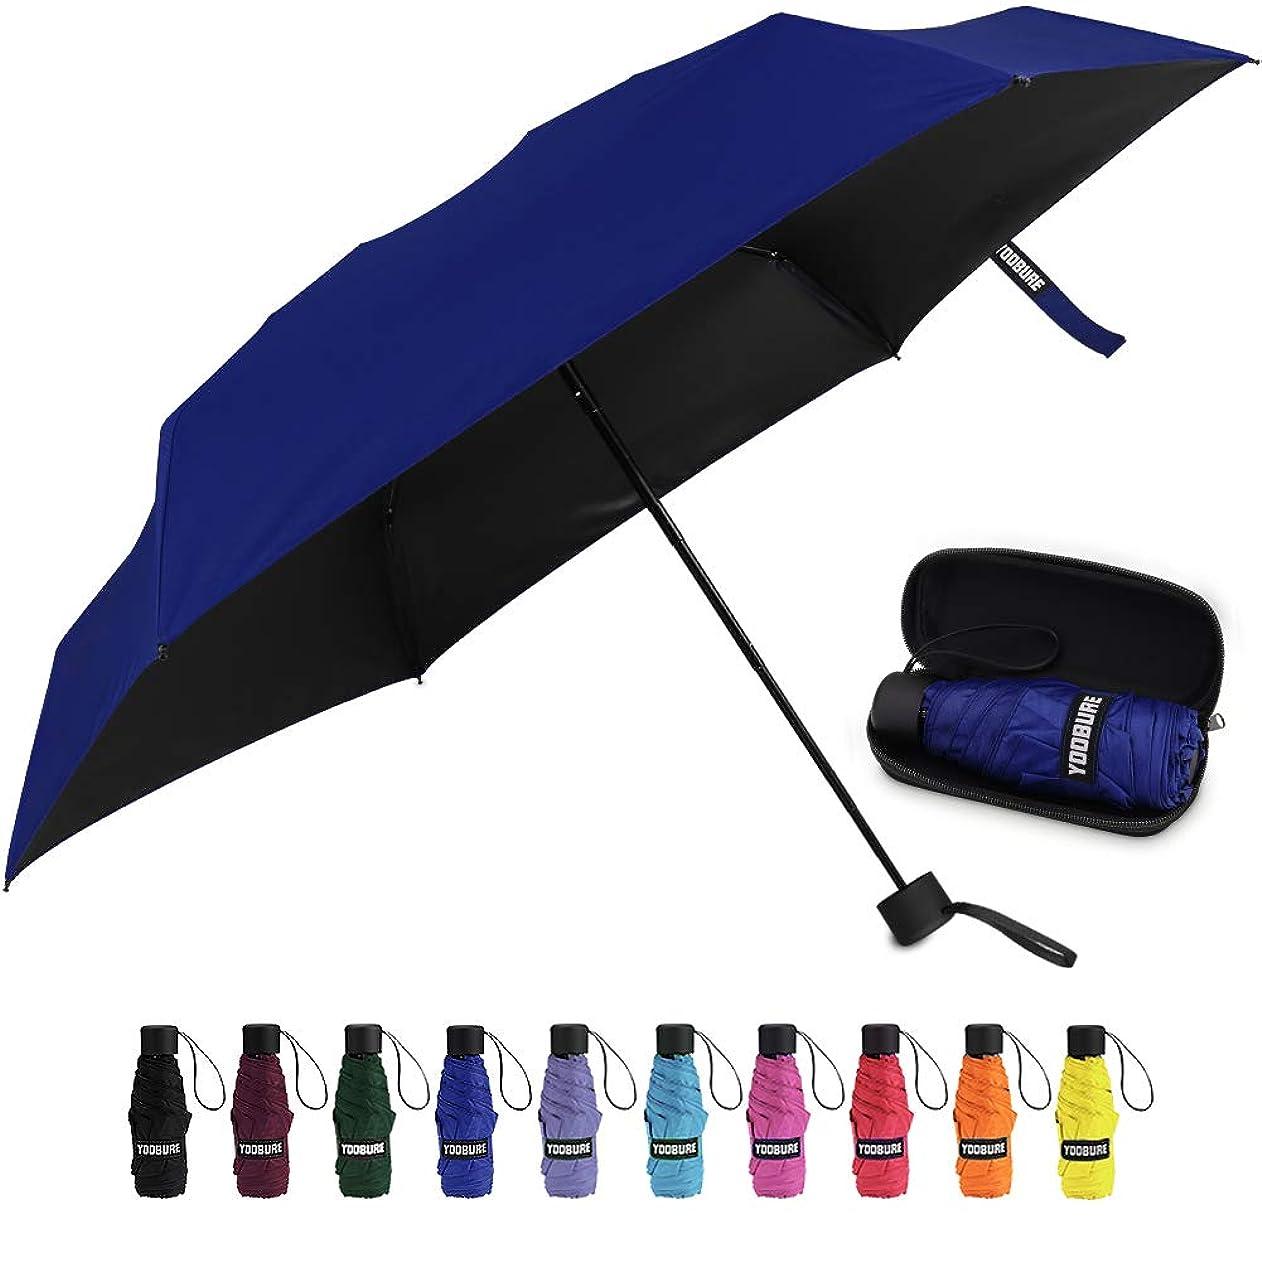 日記考えた樹木Yoobure 小型ミニ傘 ケース付き 軽くてコンパクトなデザイン 旅行用軽量ポータブルパラソル アウトドア日傘